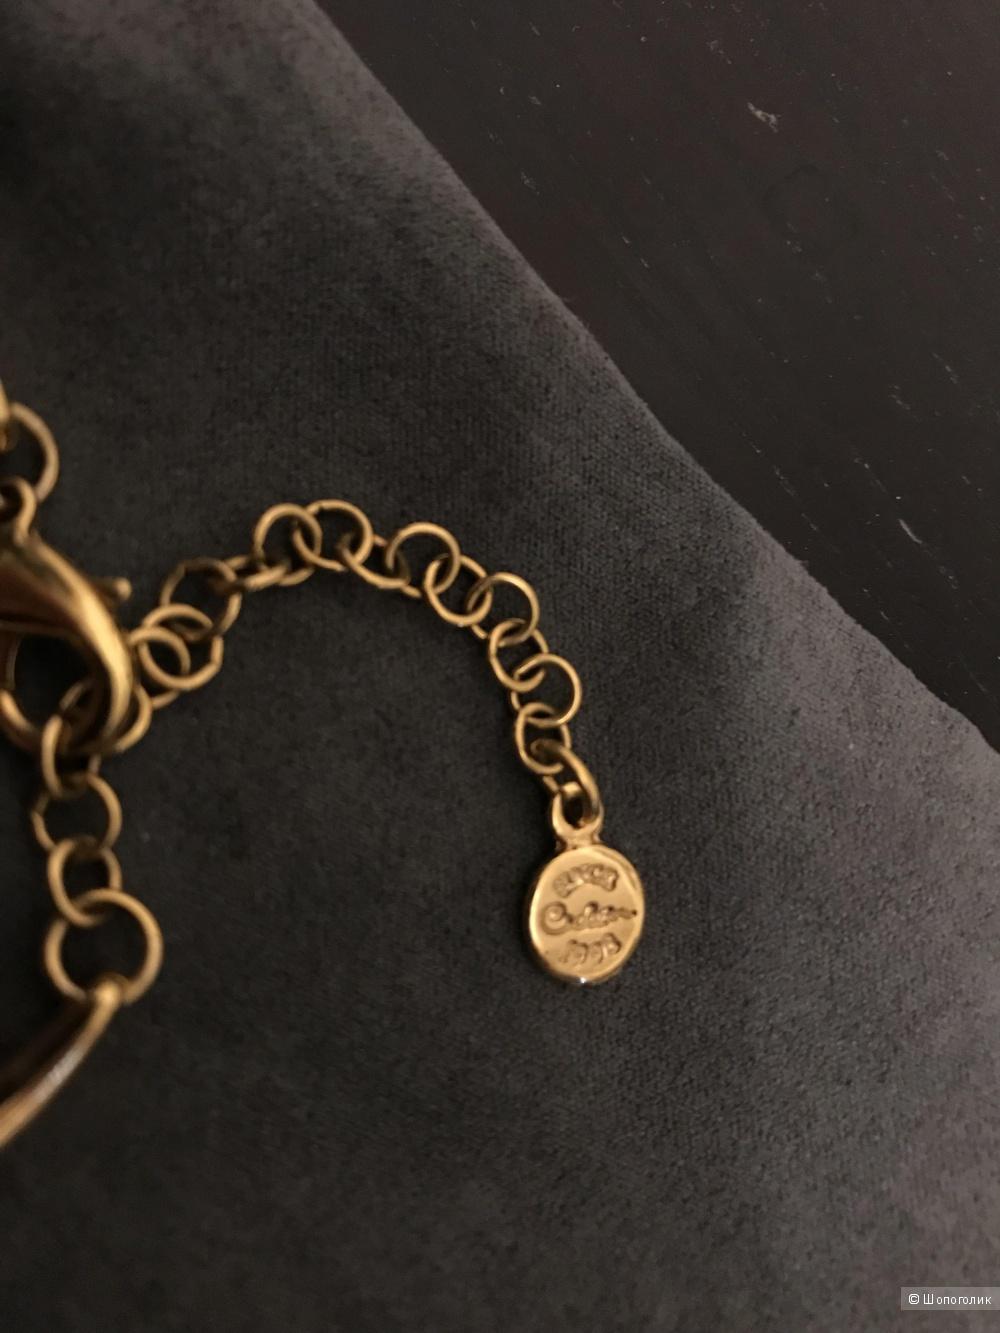 Сет Ciclon браслет и кольцо 17 размер